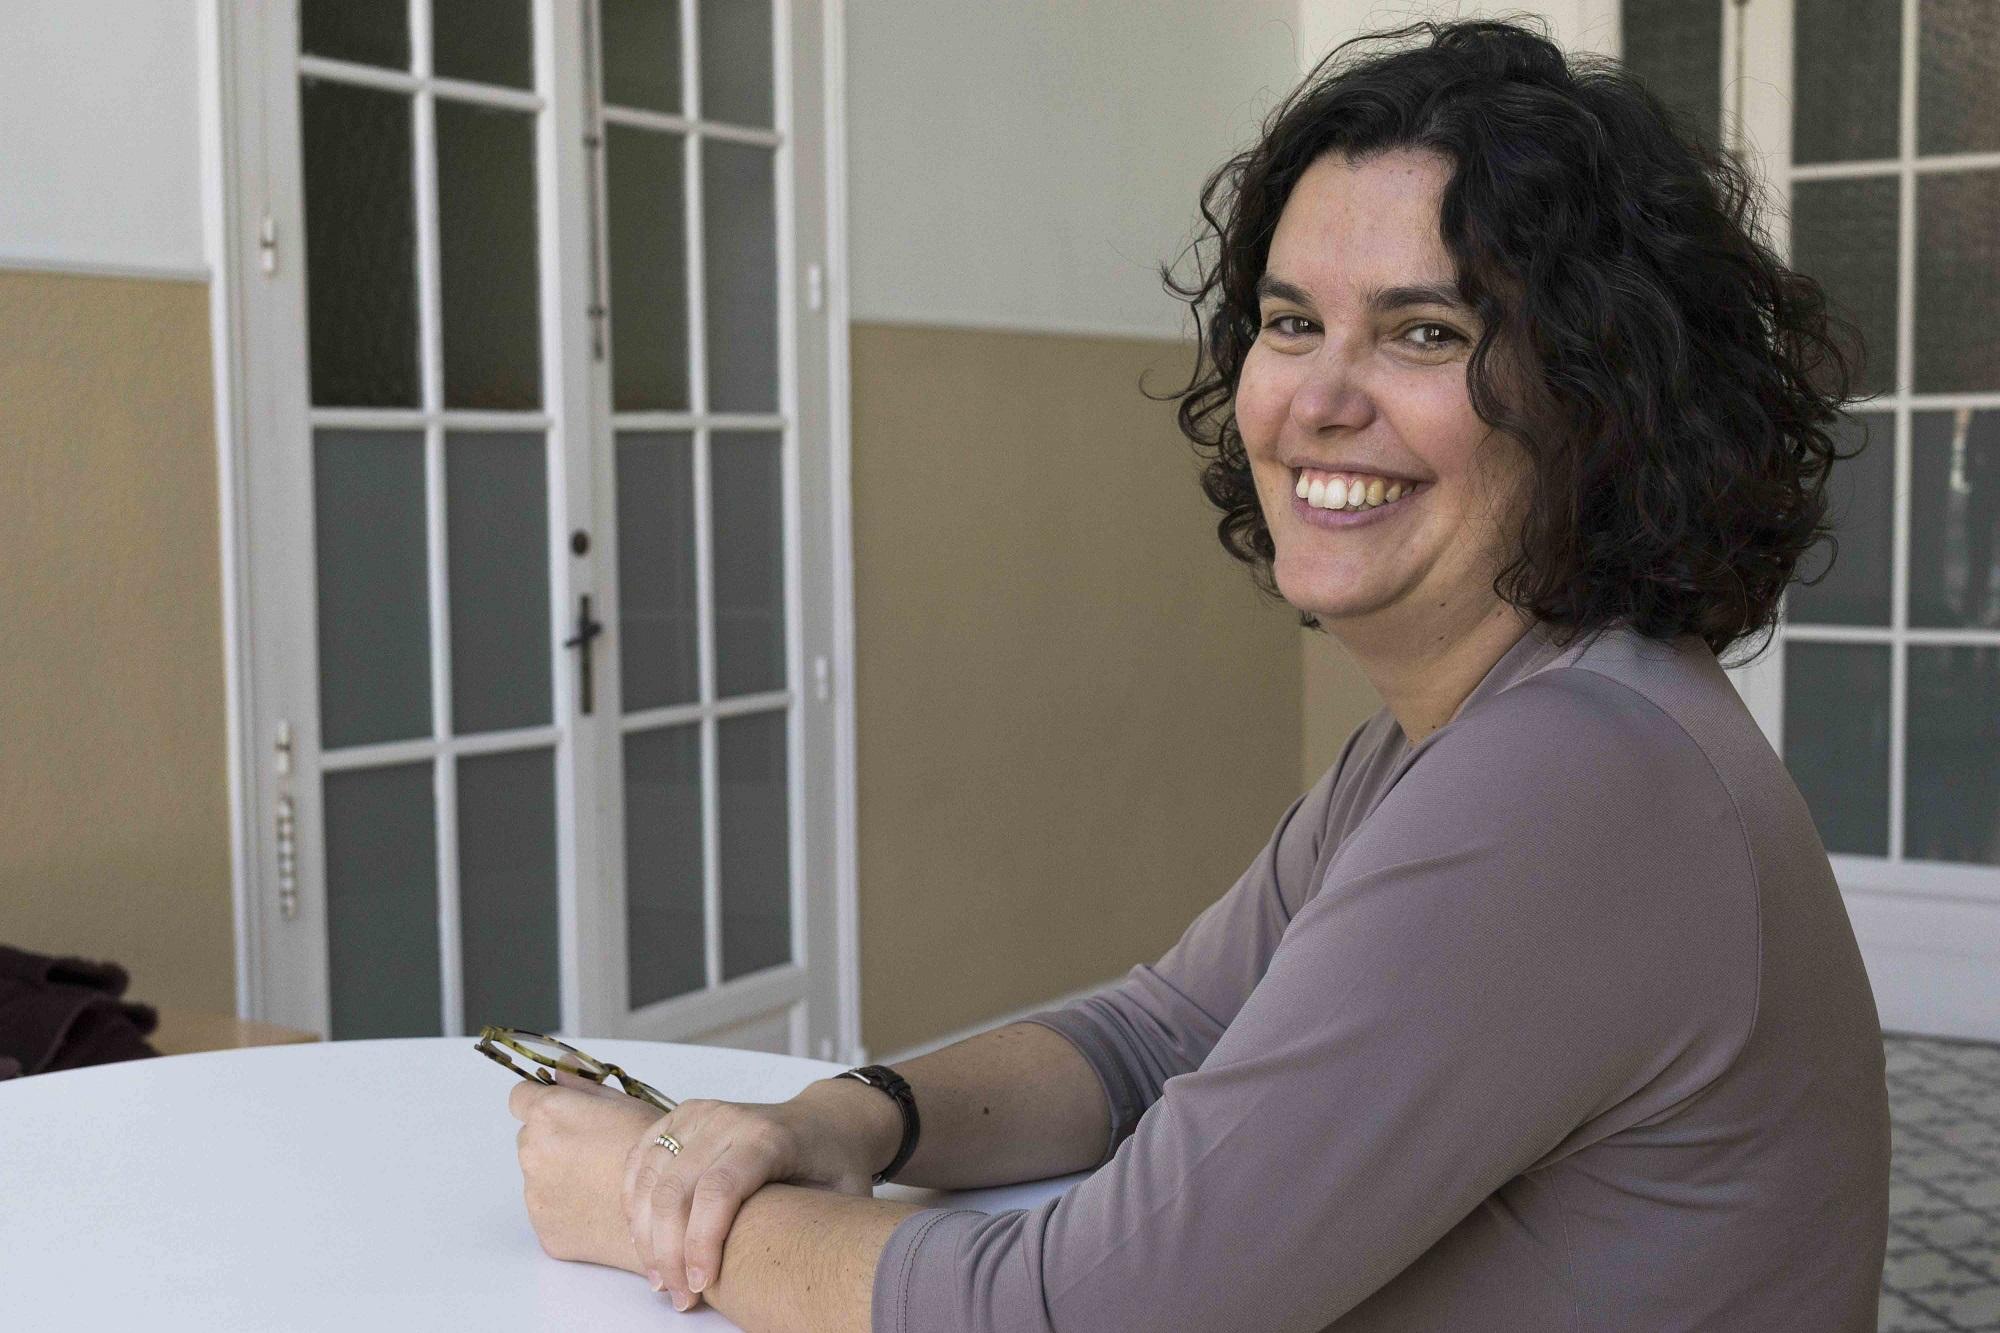 Responsabilidad social Arantxa Garay Gordovil Rocío Periago Francisco Lorca Juntos Cambiamos el Mundo